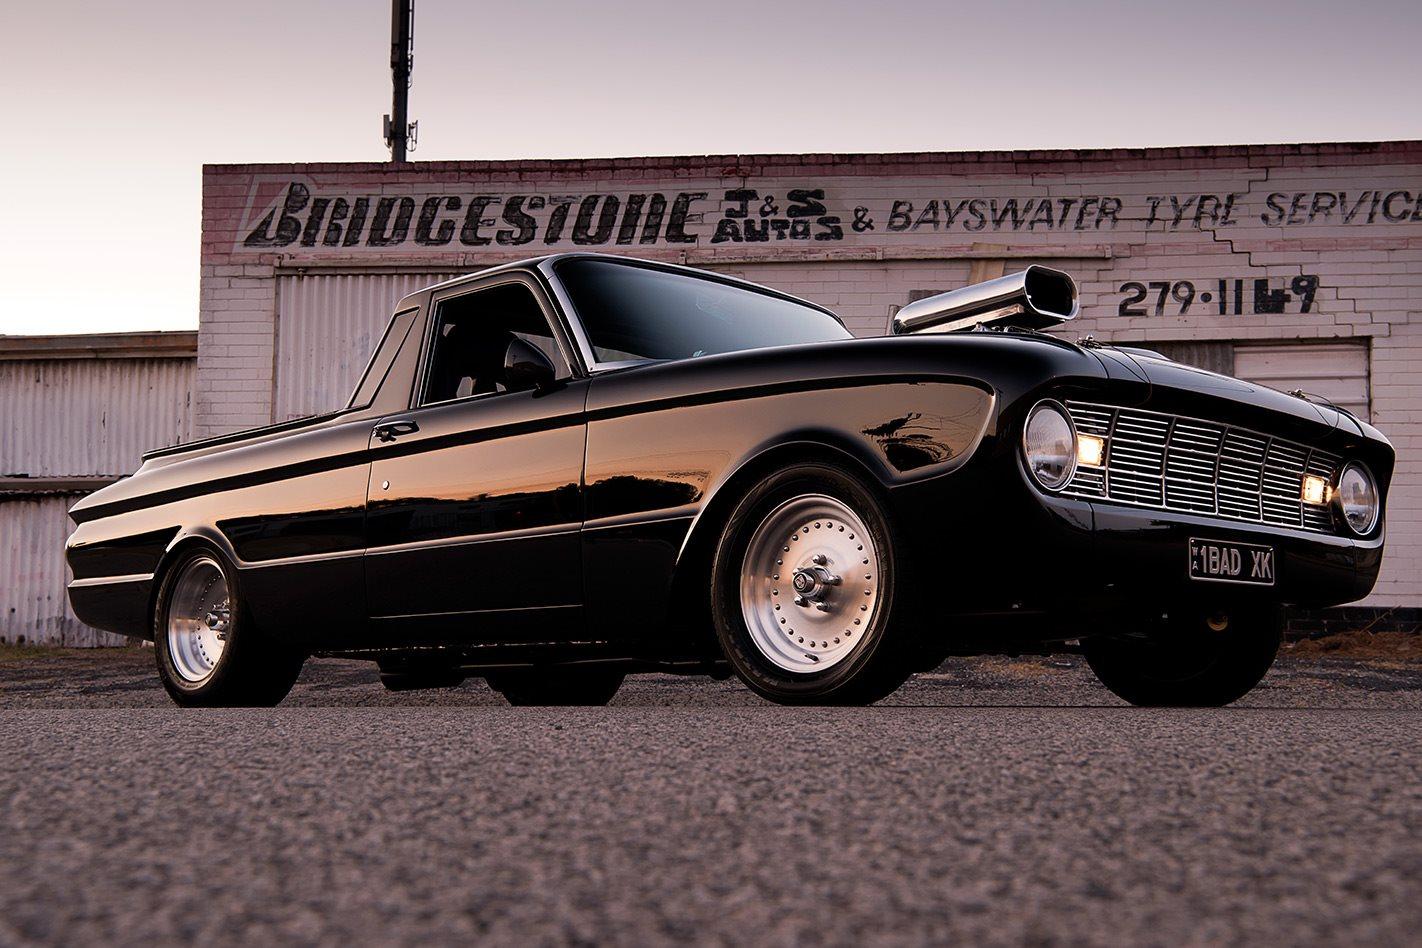 Ford Falcon XK ute